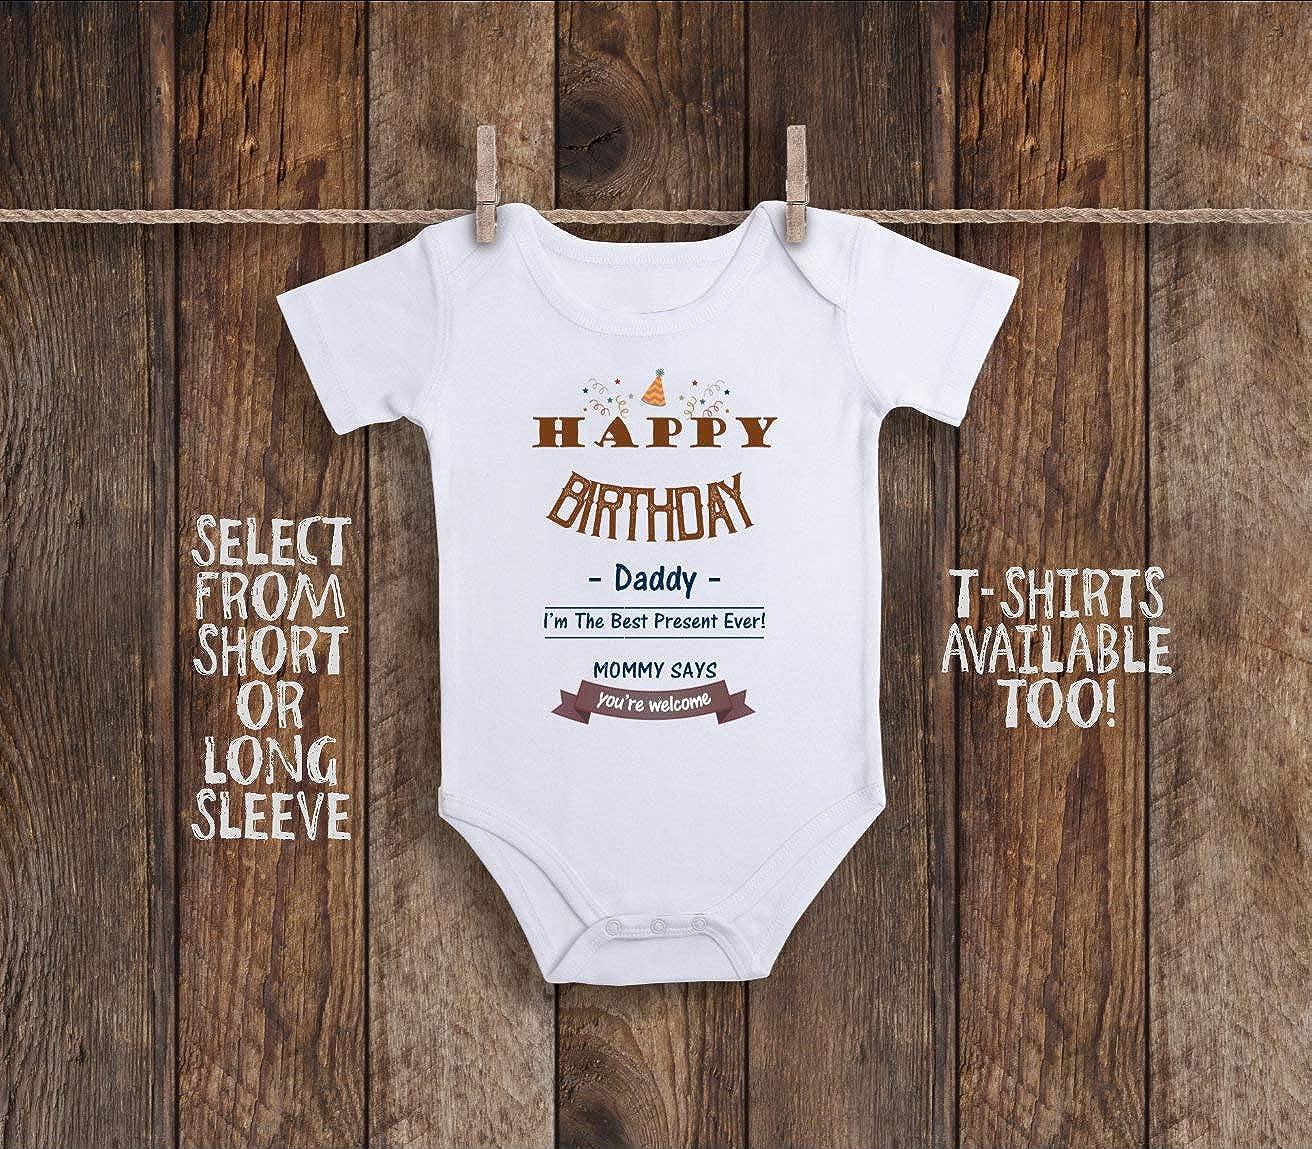 Amazon Happy Birthday Daddy Onesie Unisex Baby Clothes One Piece Gift New Dad Boy Girl Shirt Newborn 3 6 Months